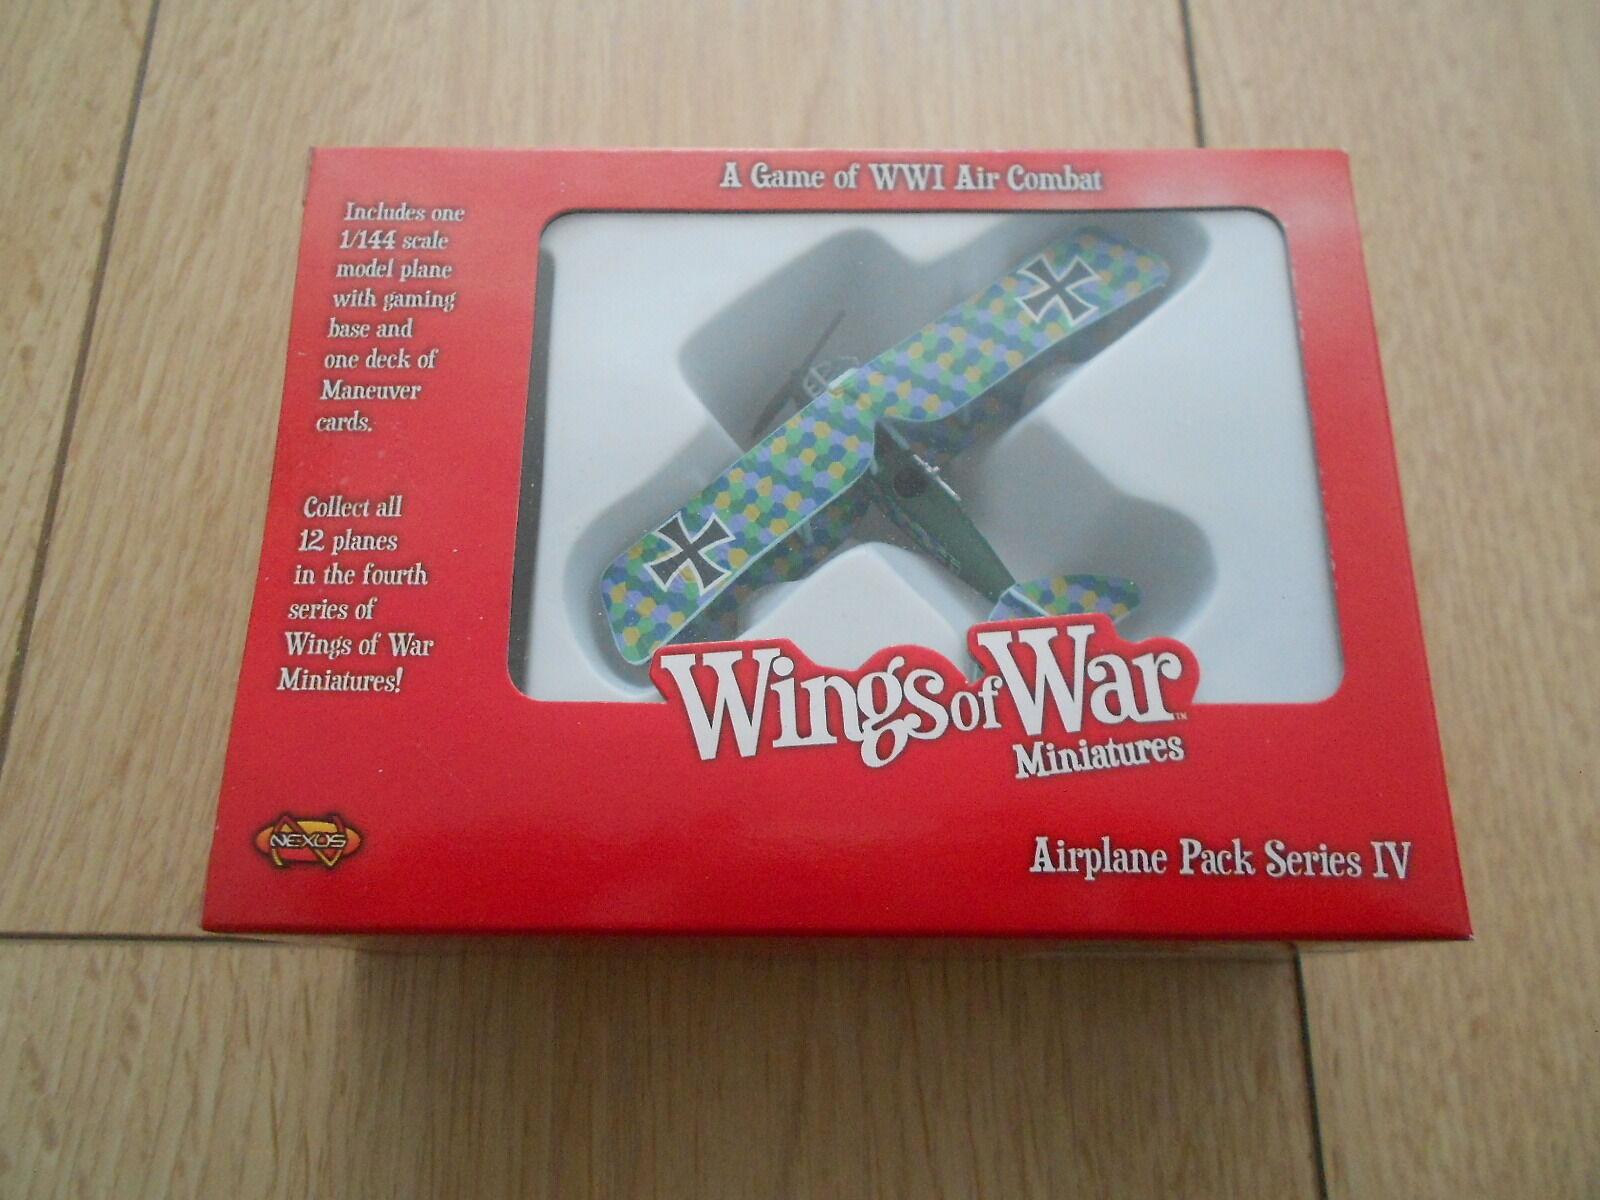 Die flügel des krieges - der erste weltkrieg - rumpler civ - c - 8267   17 - serie iv - miniaturen - wow149-b